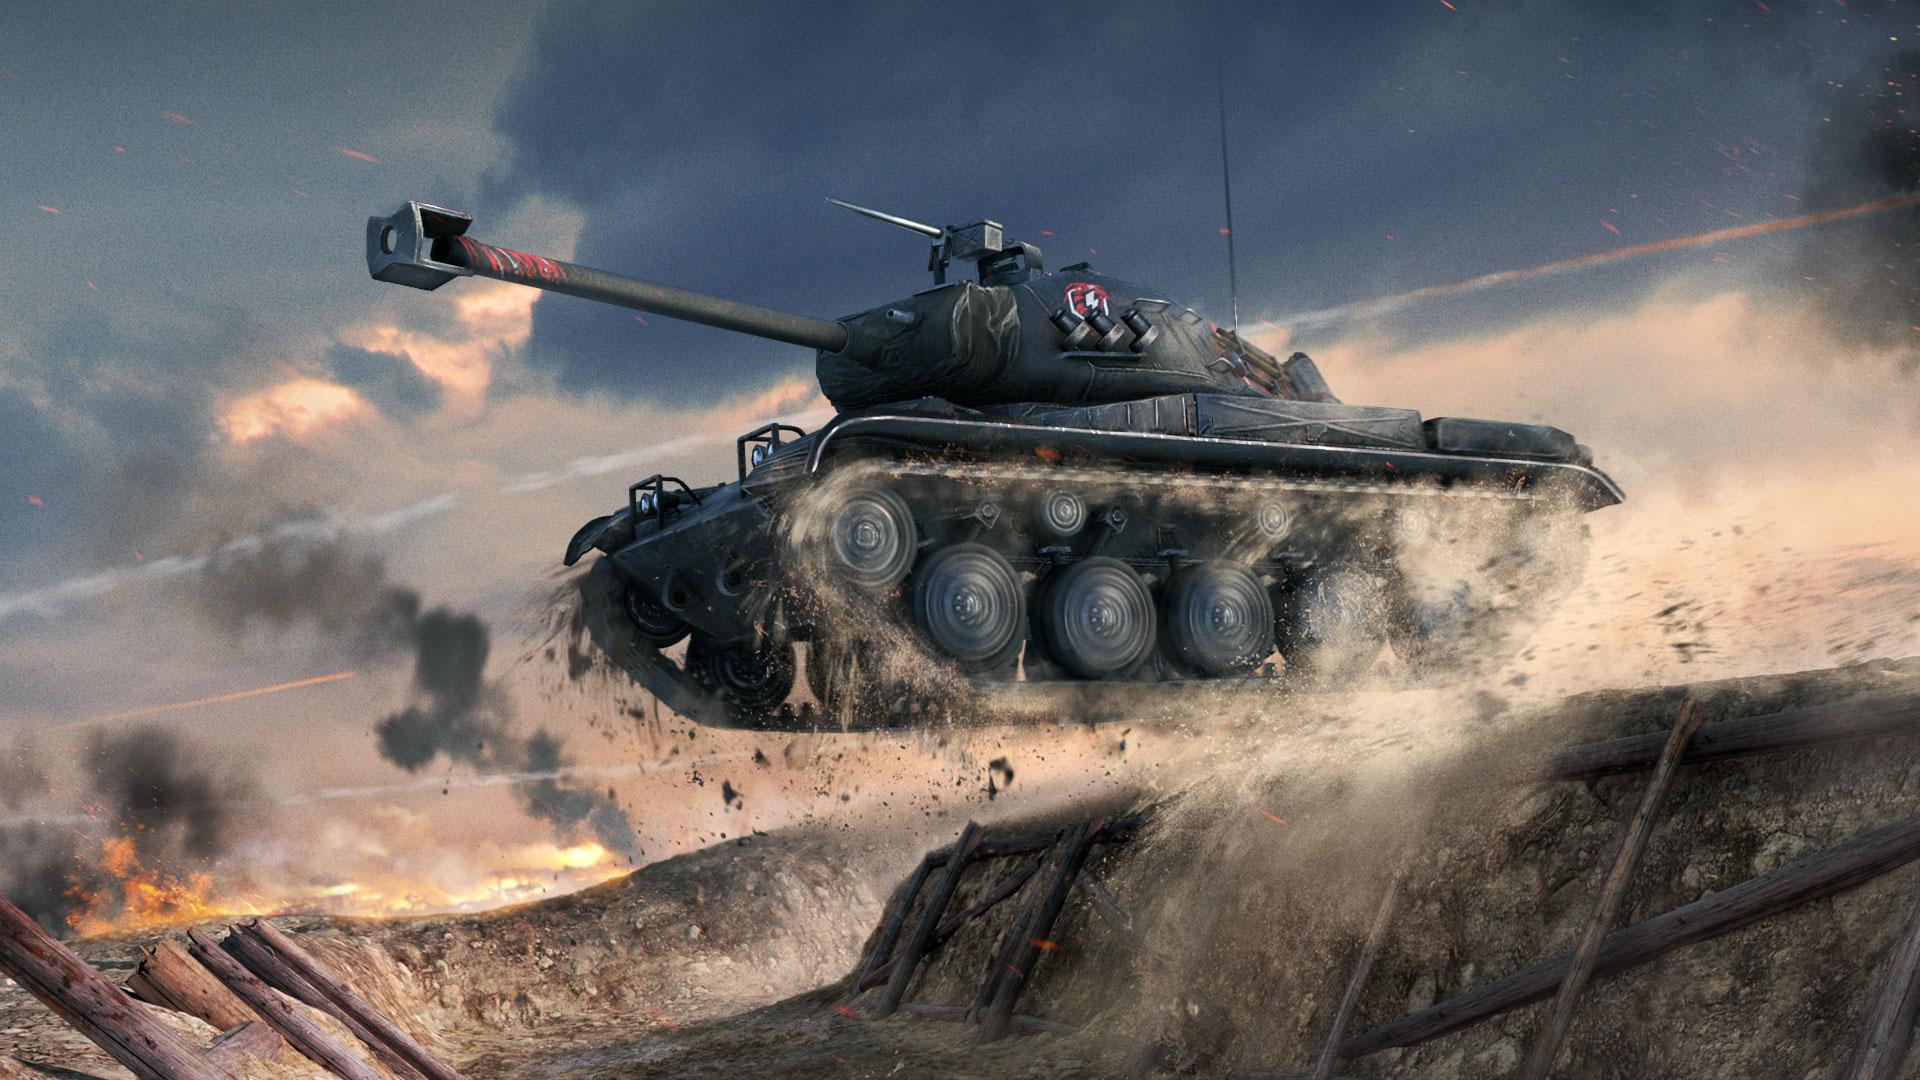 Czołg szybki niczym trąba powietrzna w grze World of Tanks Blitz. Tapeta na pulpit World of Tanks Blitz